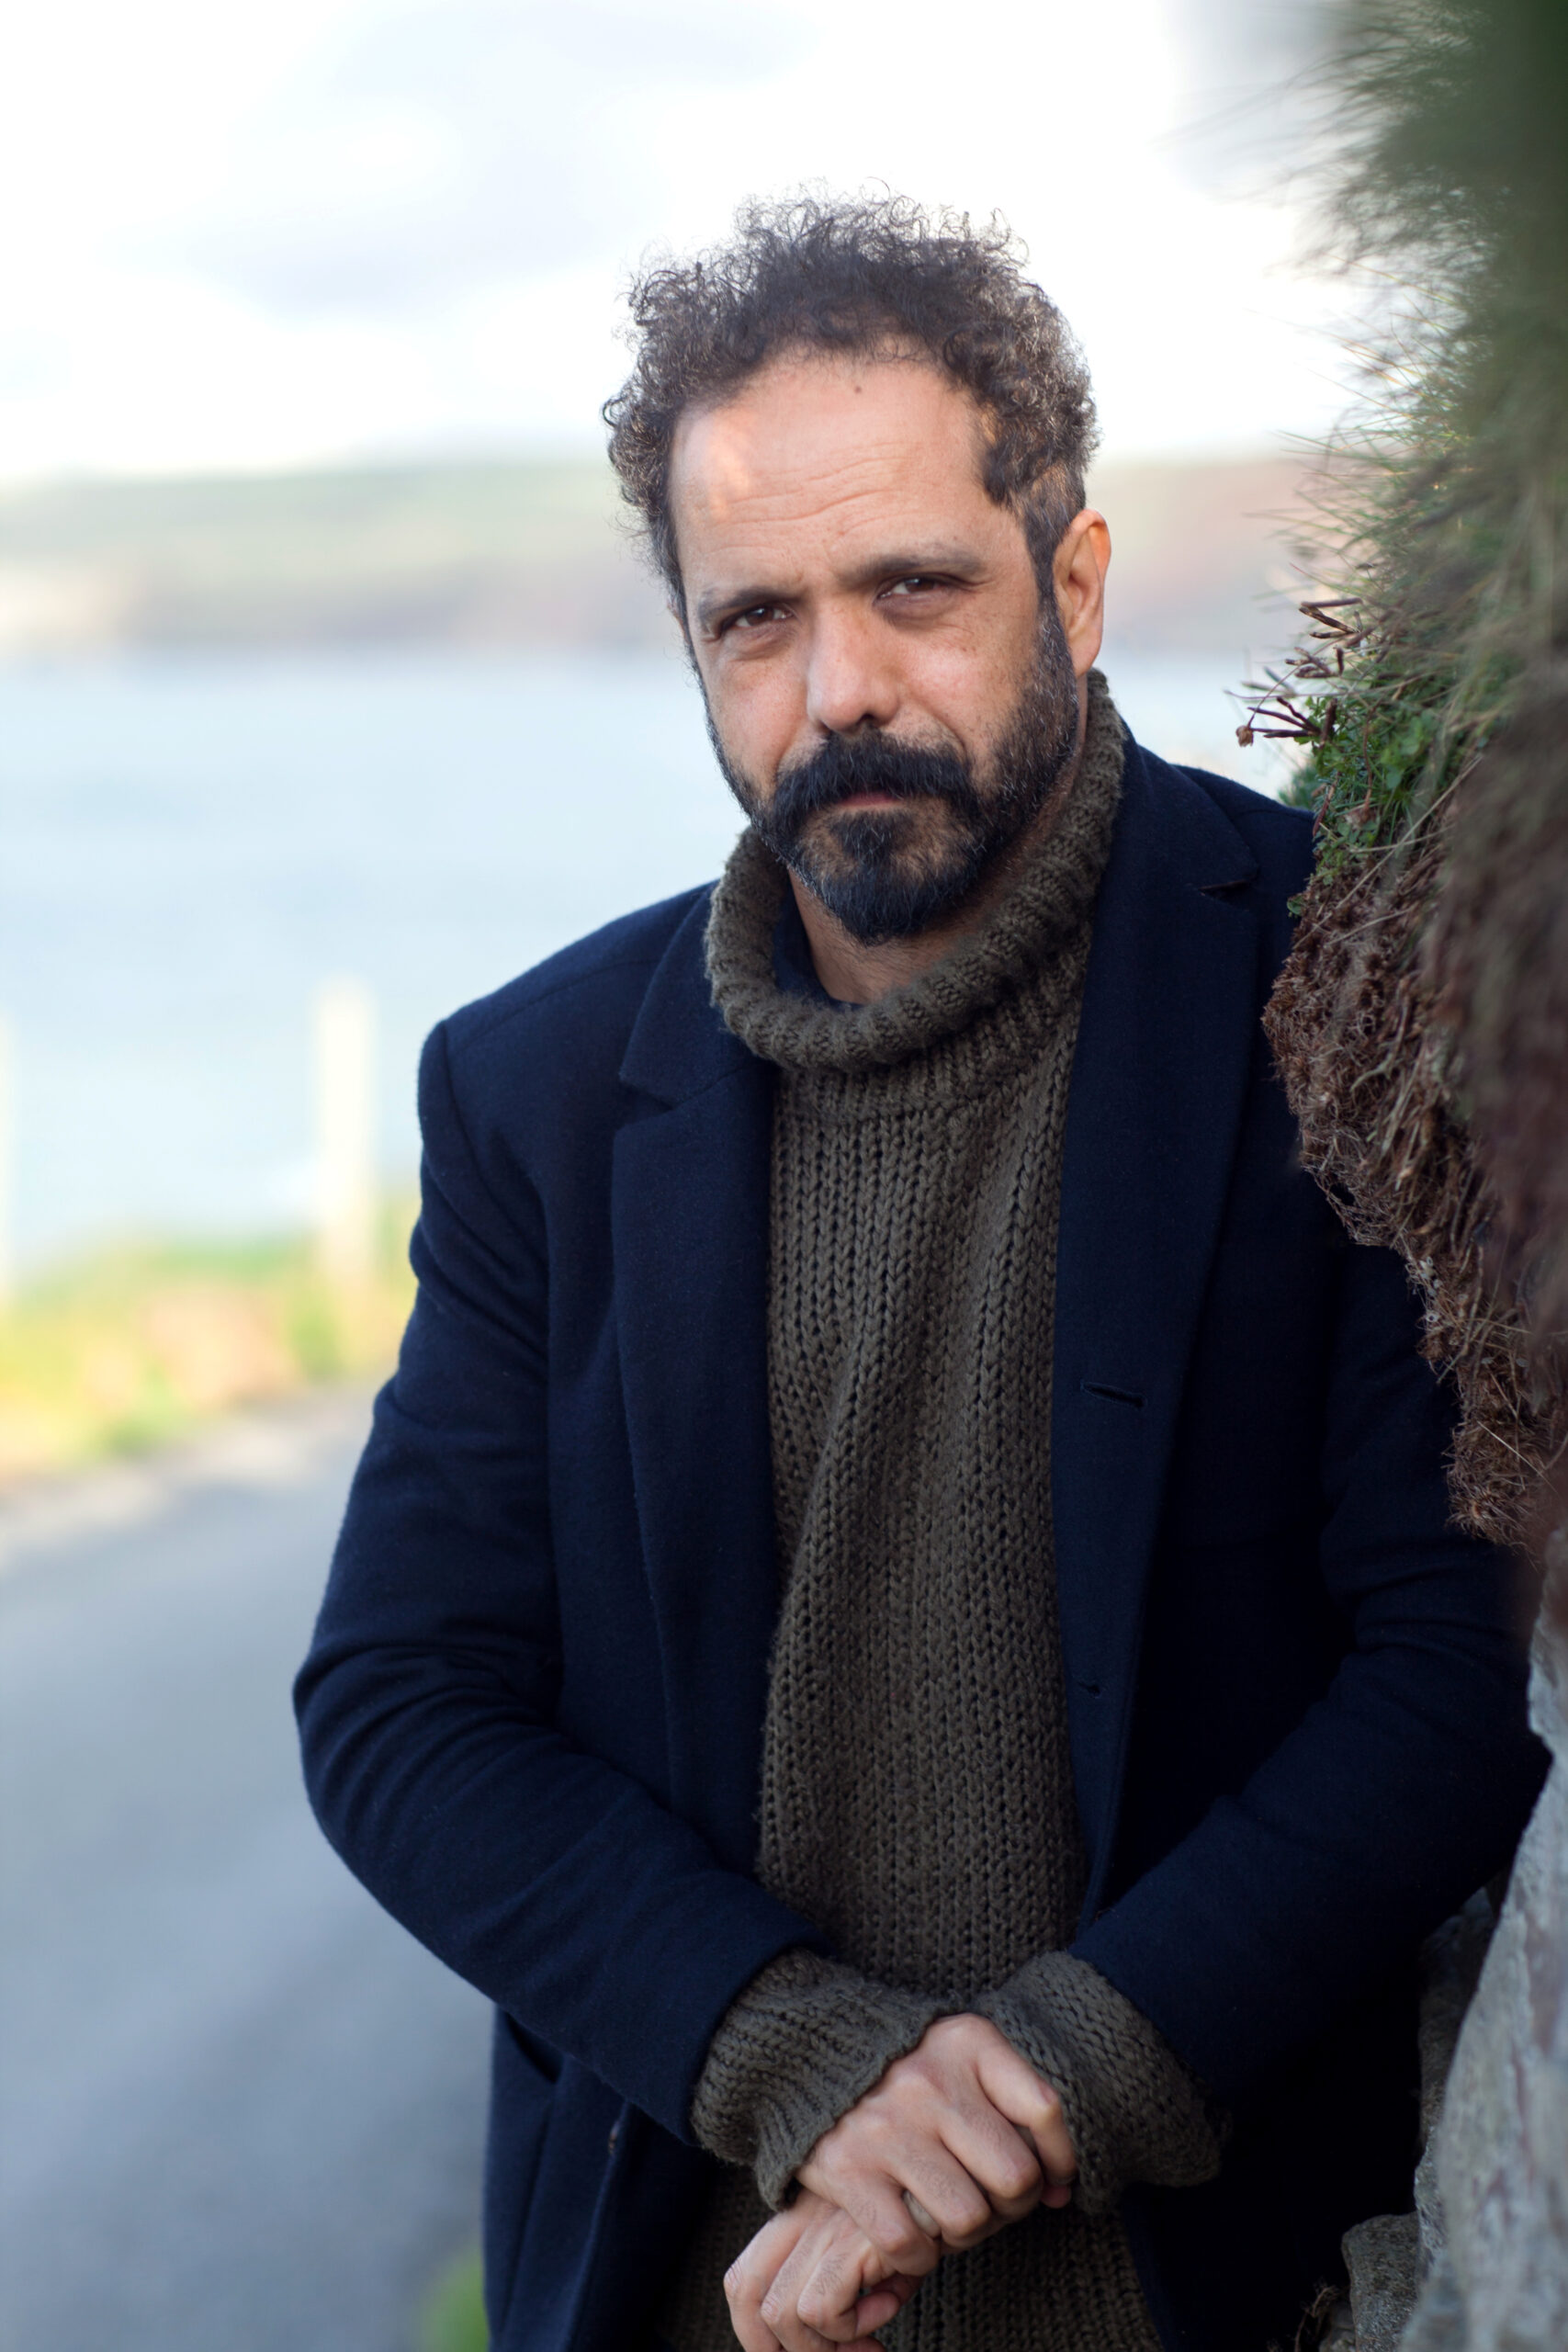 Zaffar Kunial, Author & Poet